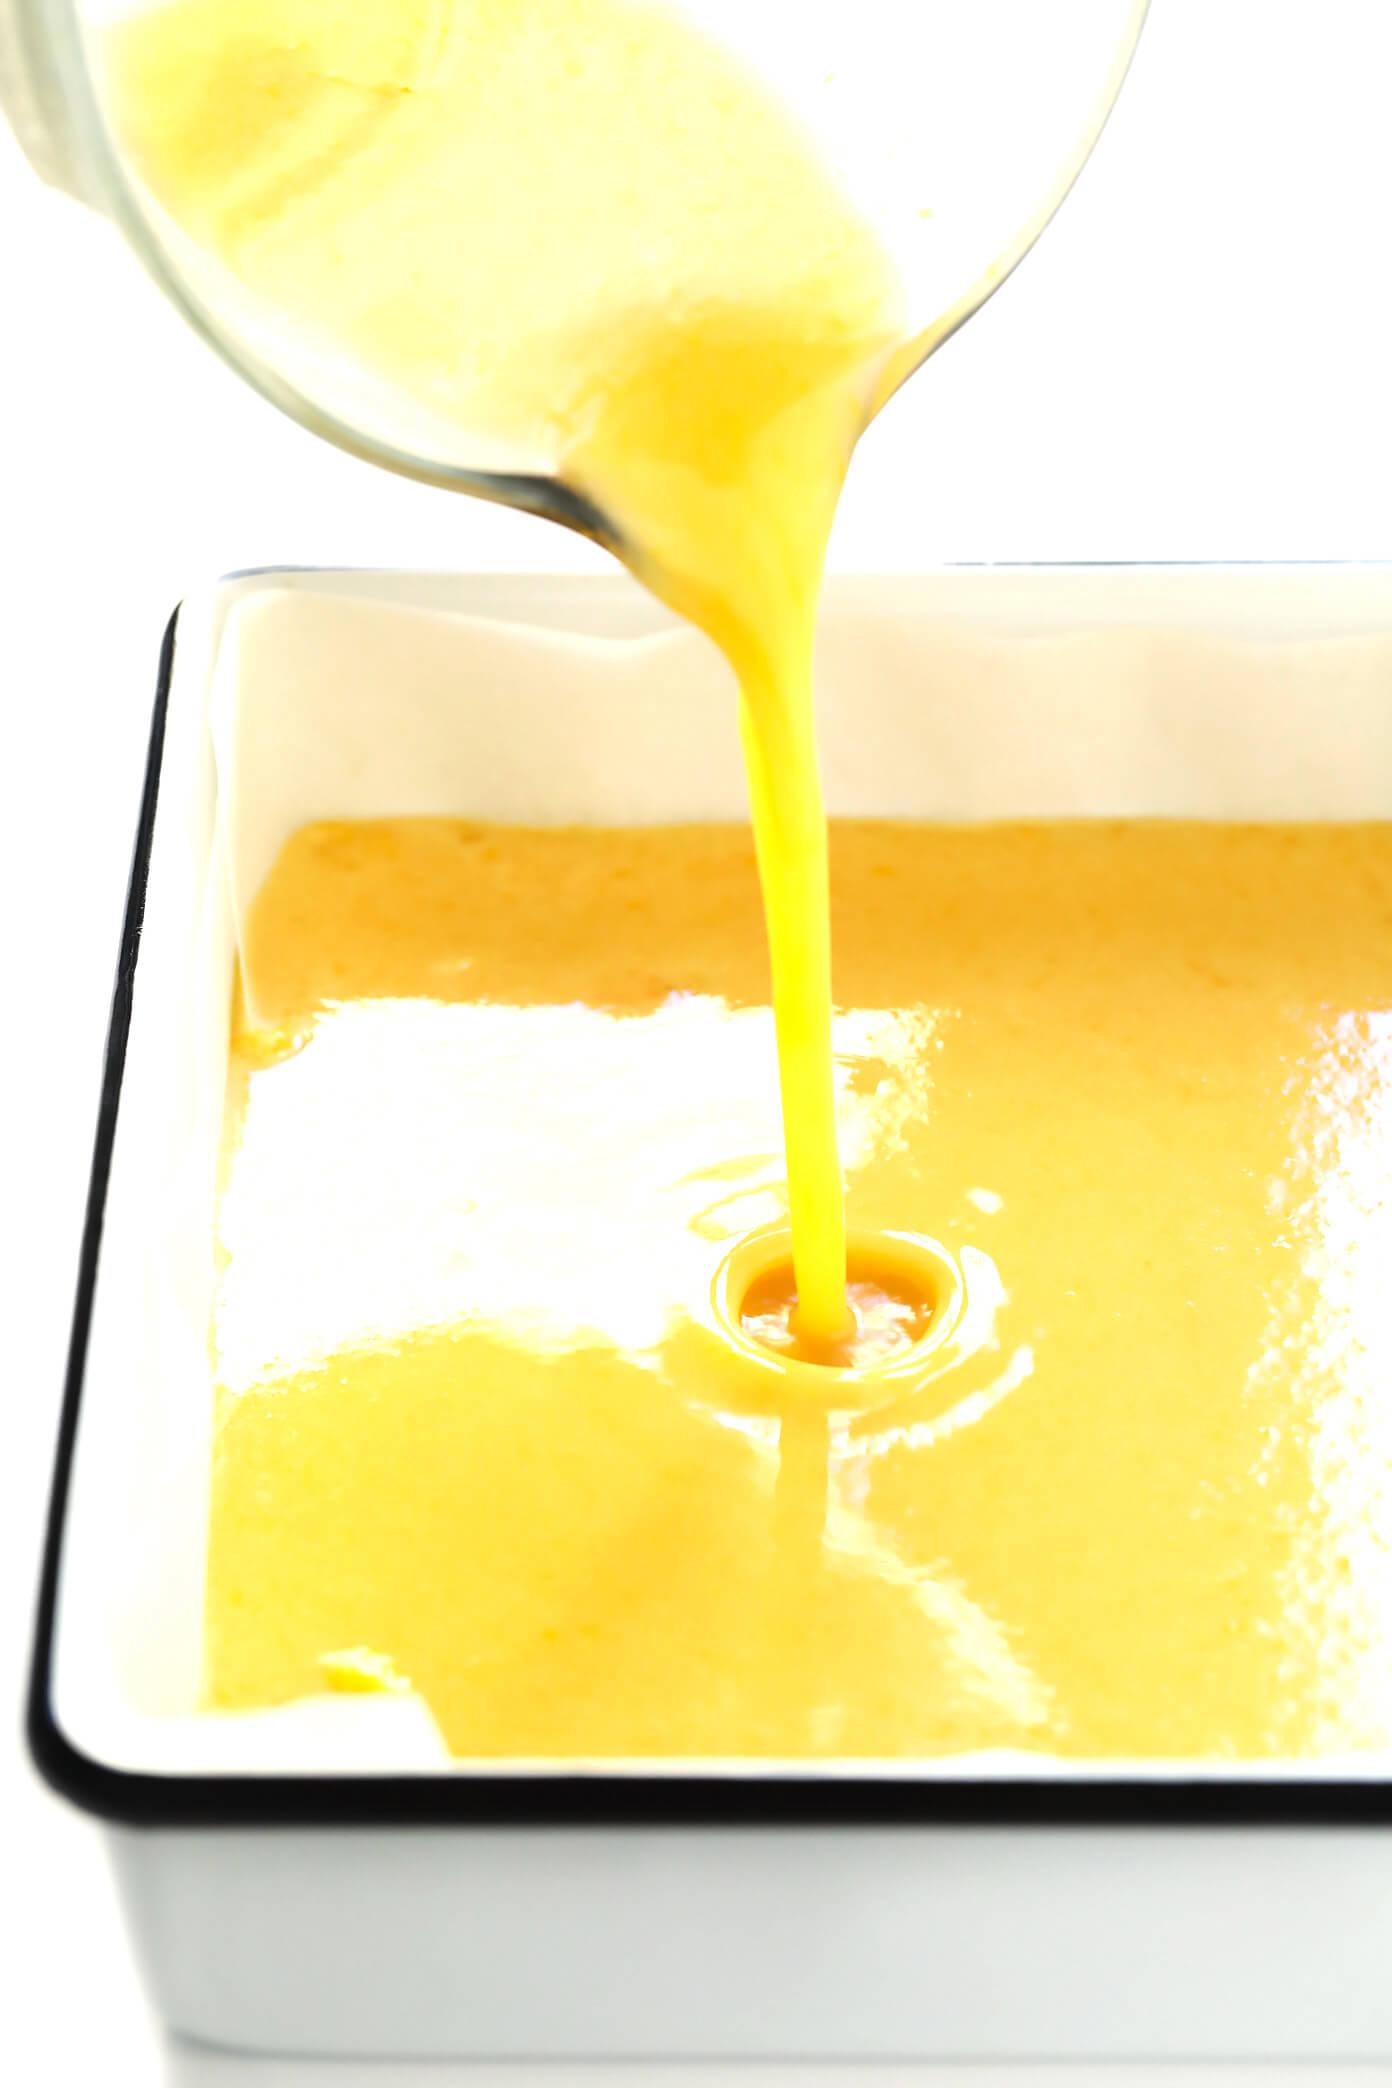 Easy Lemon Bars Ingredients